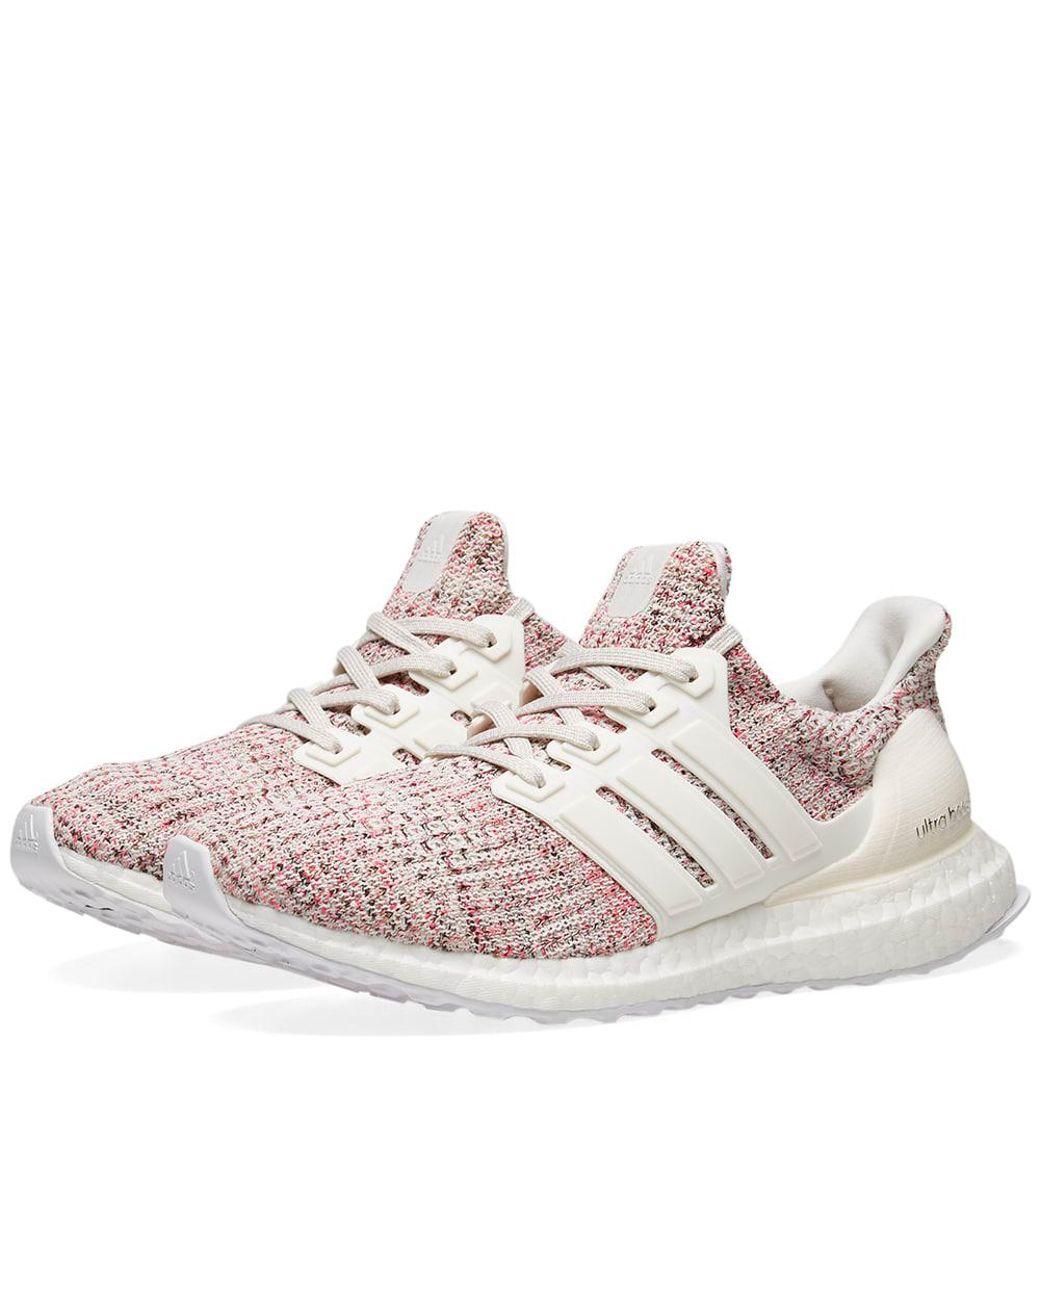 1235815afc6 adidas Ultra Boost W in Pink - Lyst